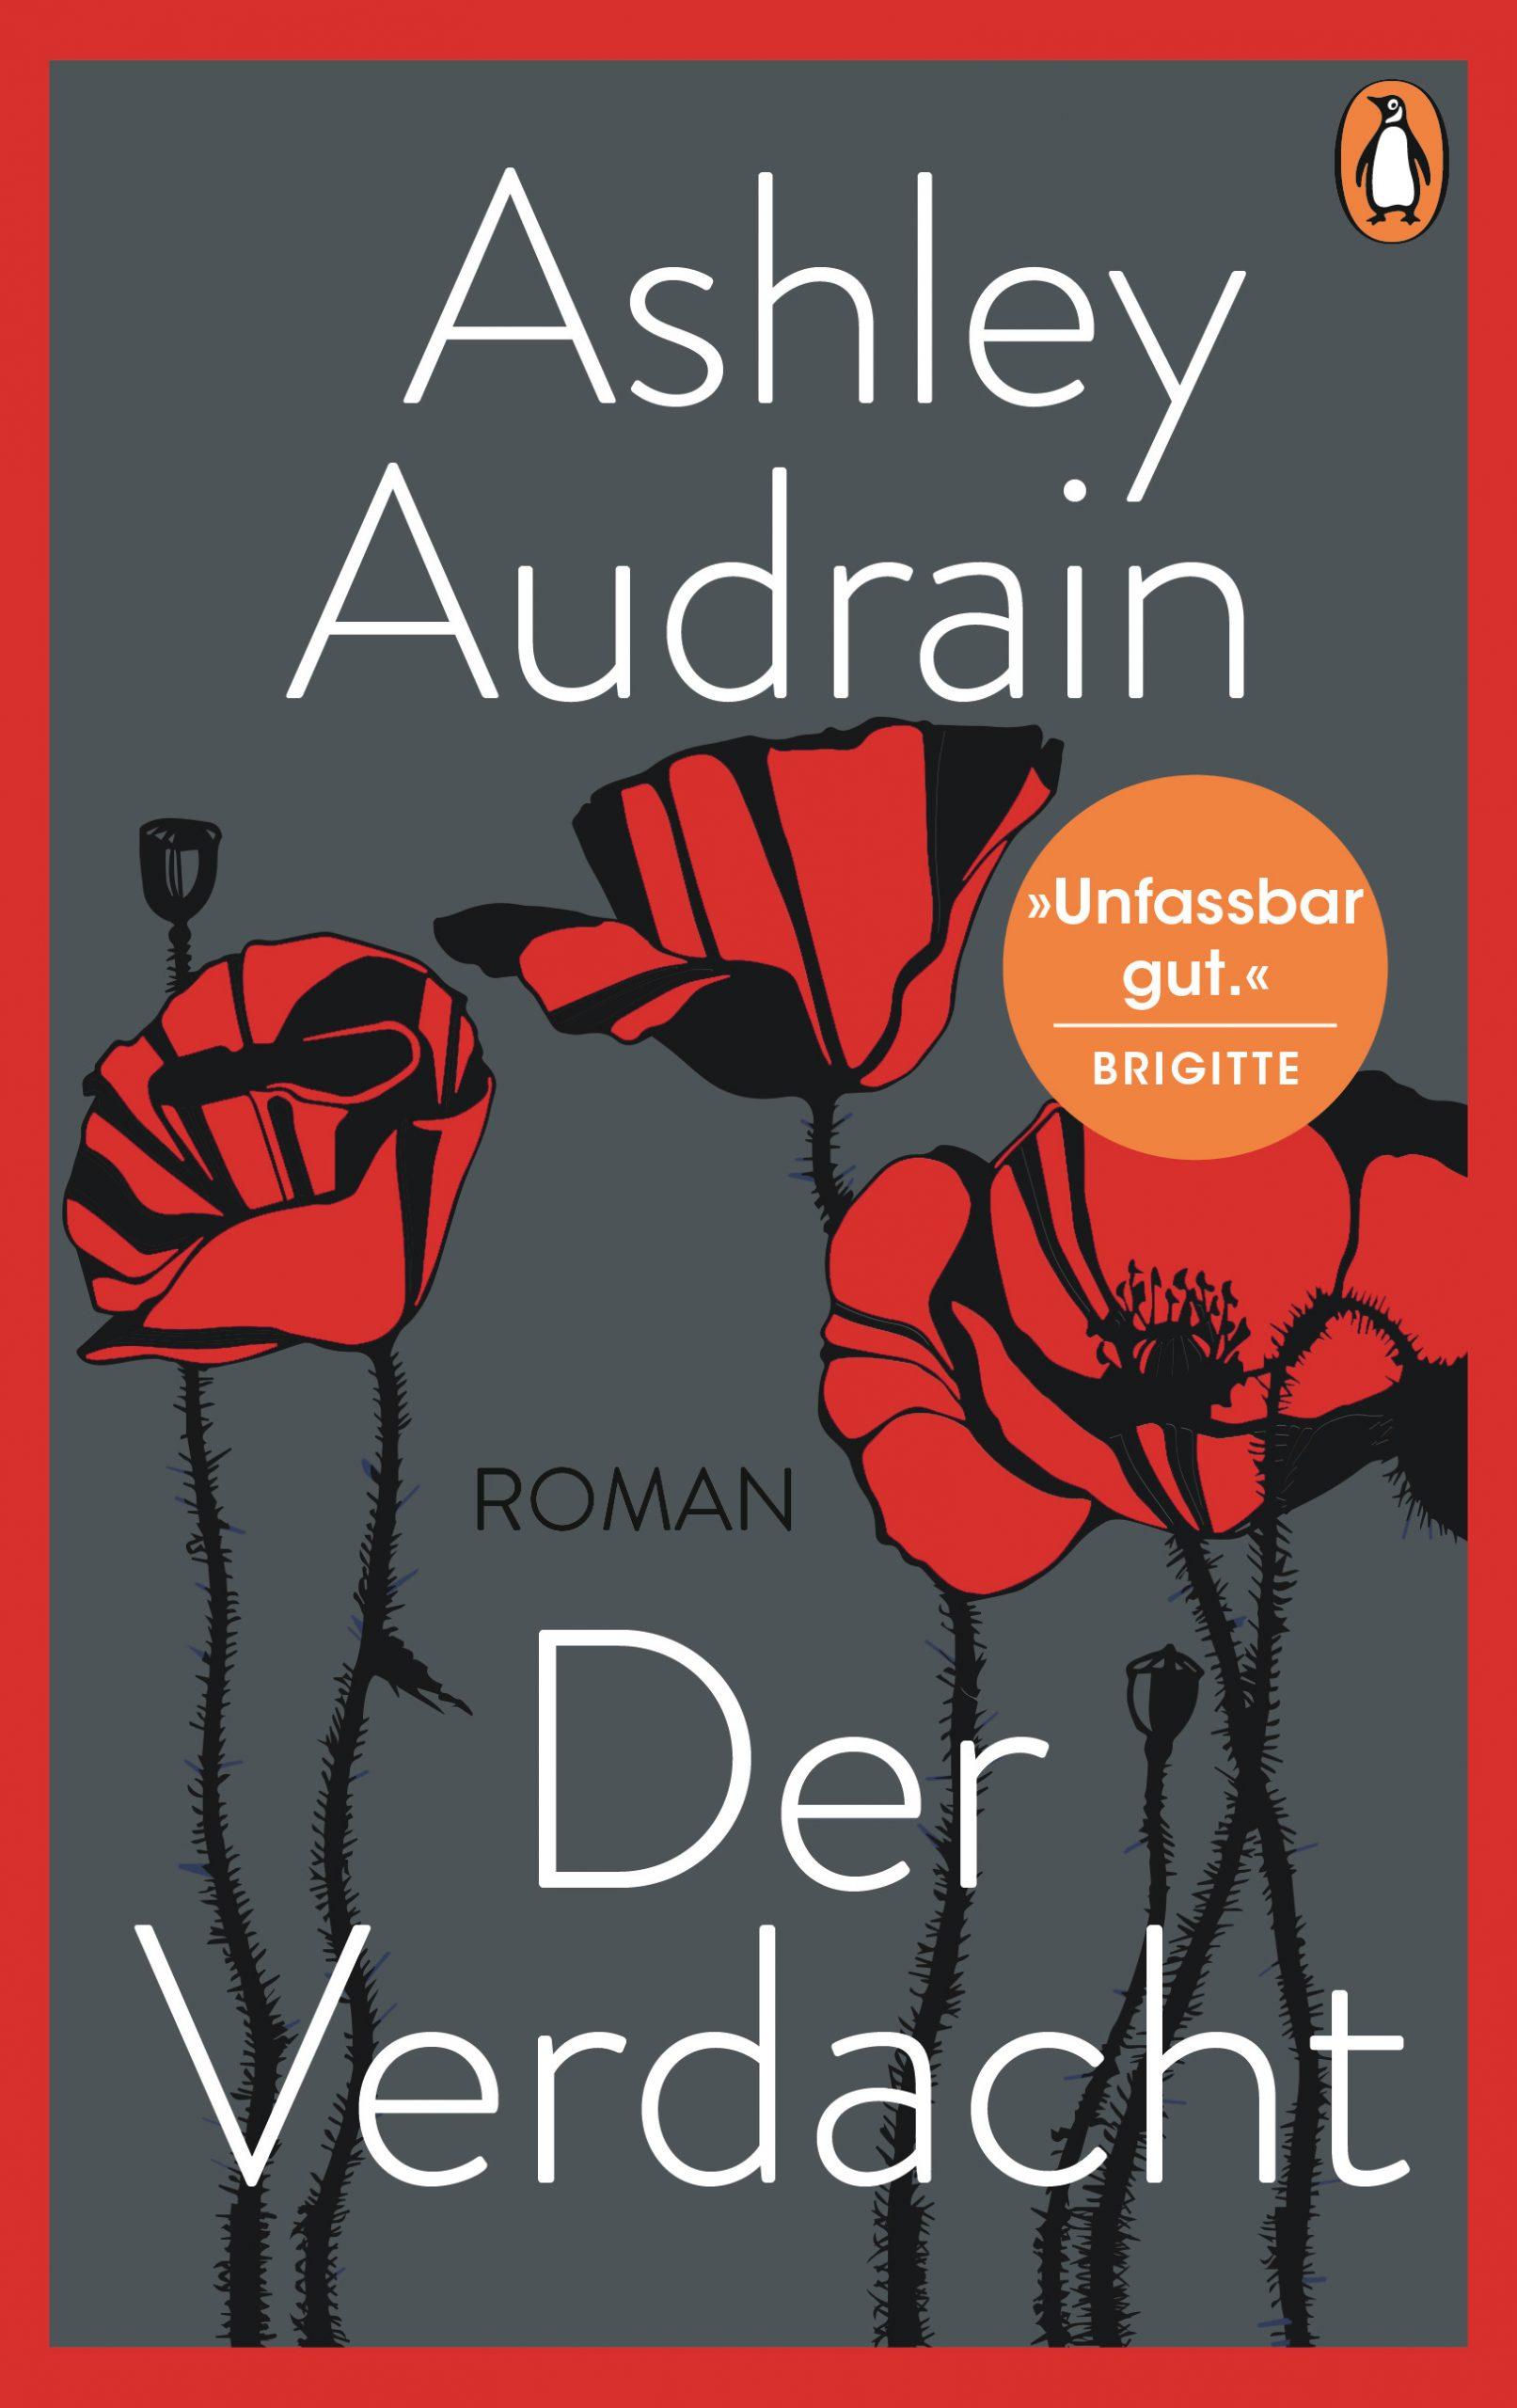 Der Verdacht von Ashley Audrain Parkbuchhandlung Buchhandlung Bonn Bad Godesberg